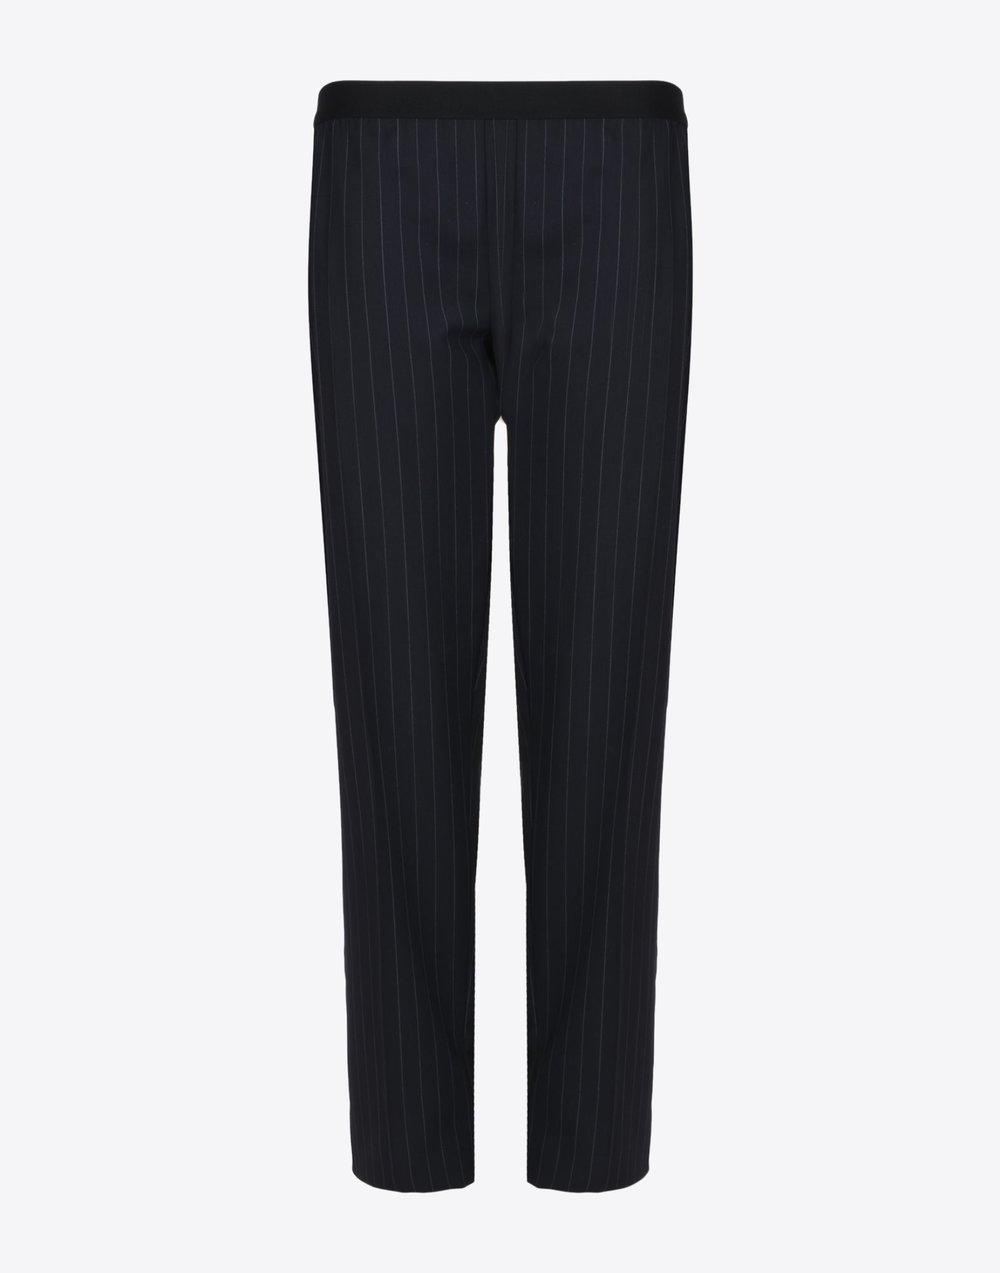 Maison Margiela Pin Striped Virgin Wool Trousers.jpg